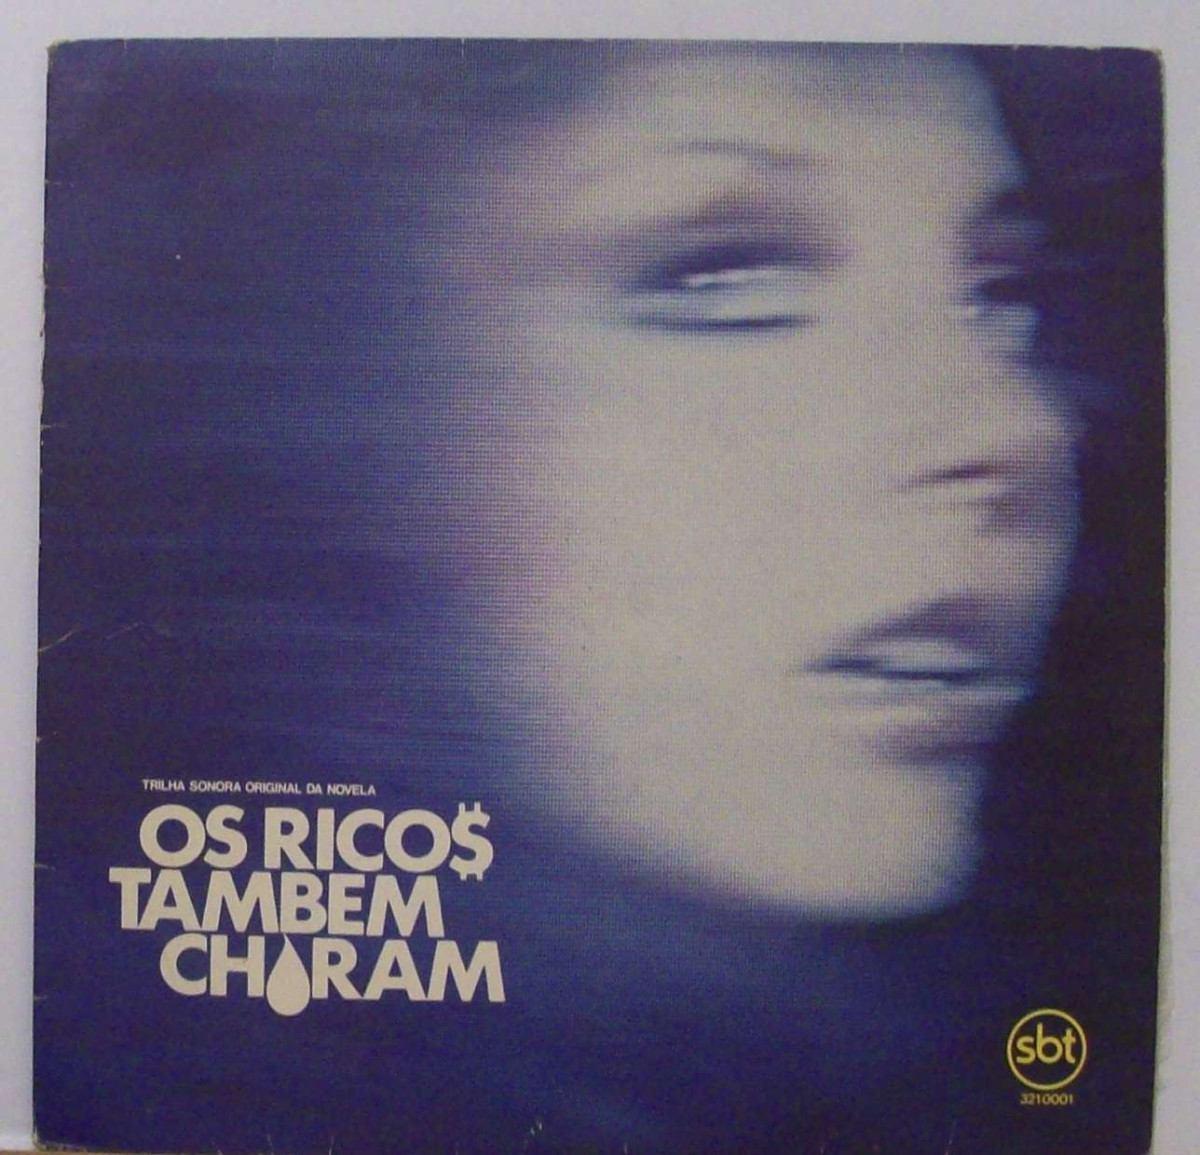 Lp Novela Os Ricos Tambem Choram - Nacional - Sbt - 1982 - R$ 39,60 em Mercado Livre